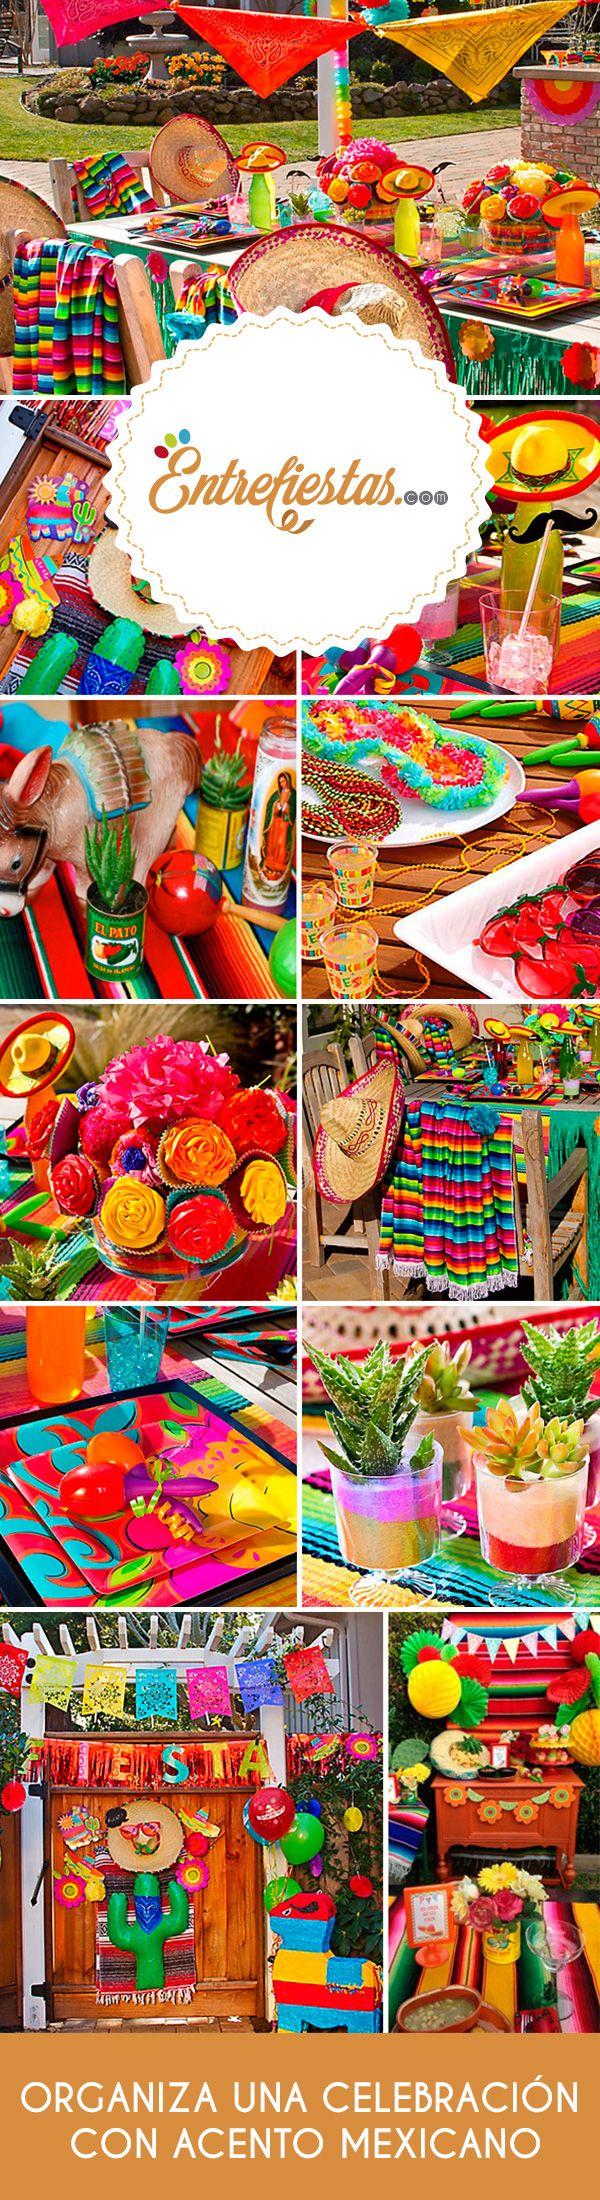 Si estás en la búsqueda de ideas para planificar y realizar una fiesta inspirada en el 5 de Mayo ¡no busques más! aquí te traemos algunas prácticas recomendaciones que debes tomar en cuenta para amenizar una celebración con mucho acento mexicano.